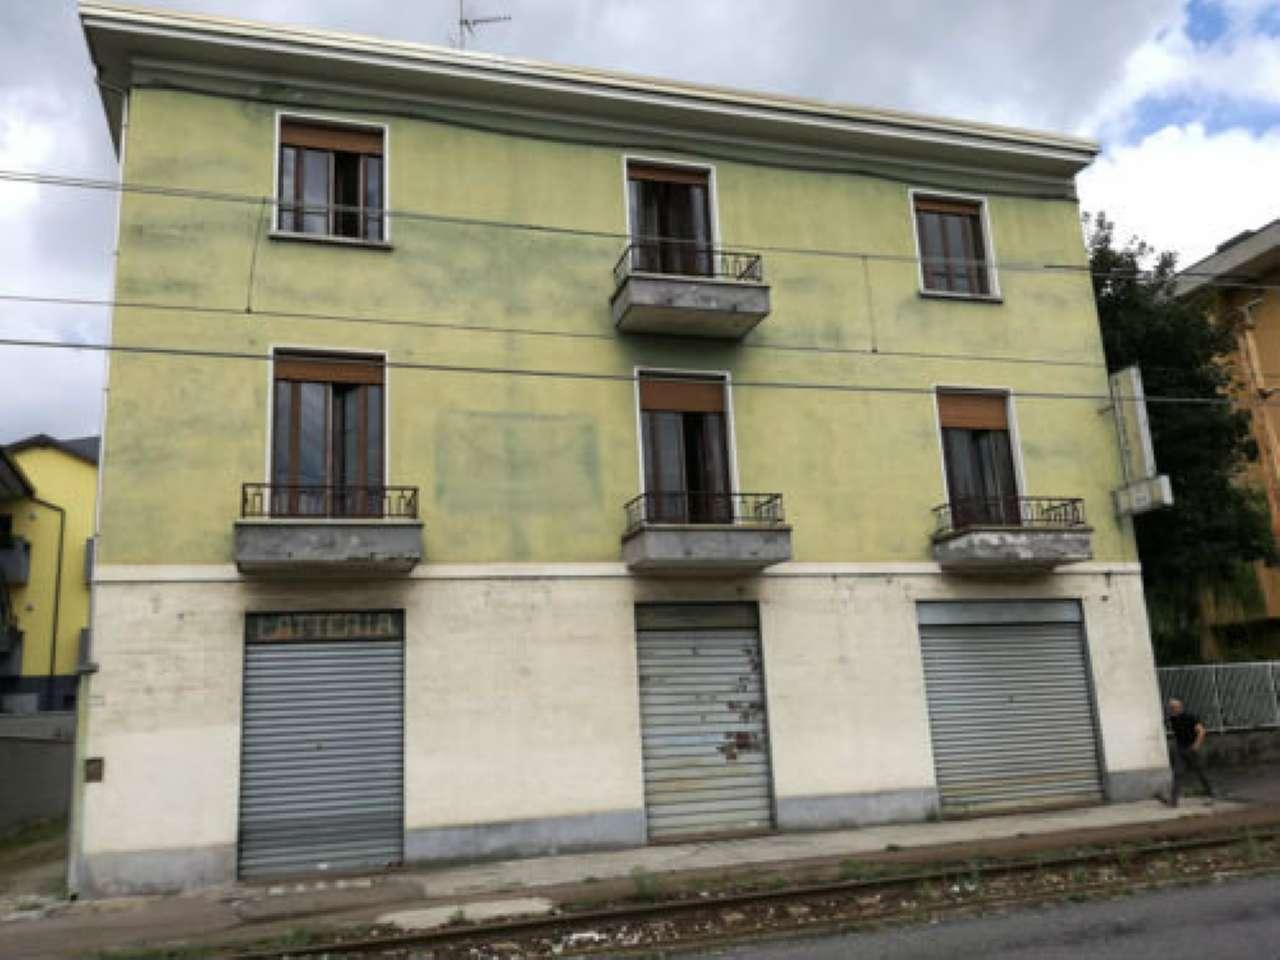 Negozio / Locale in vendita a Cormano, 2 locali, prezzo € 90.000 | CambioCasa.it